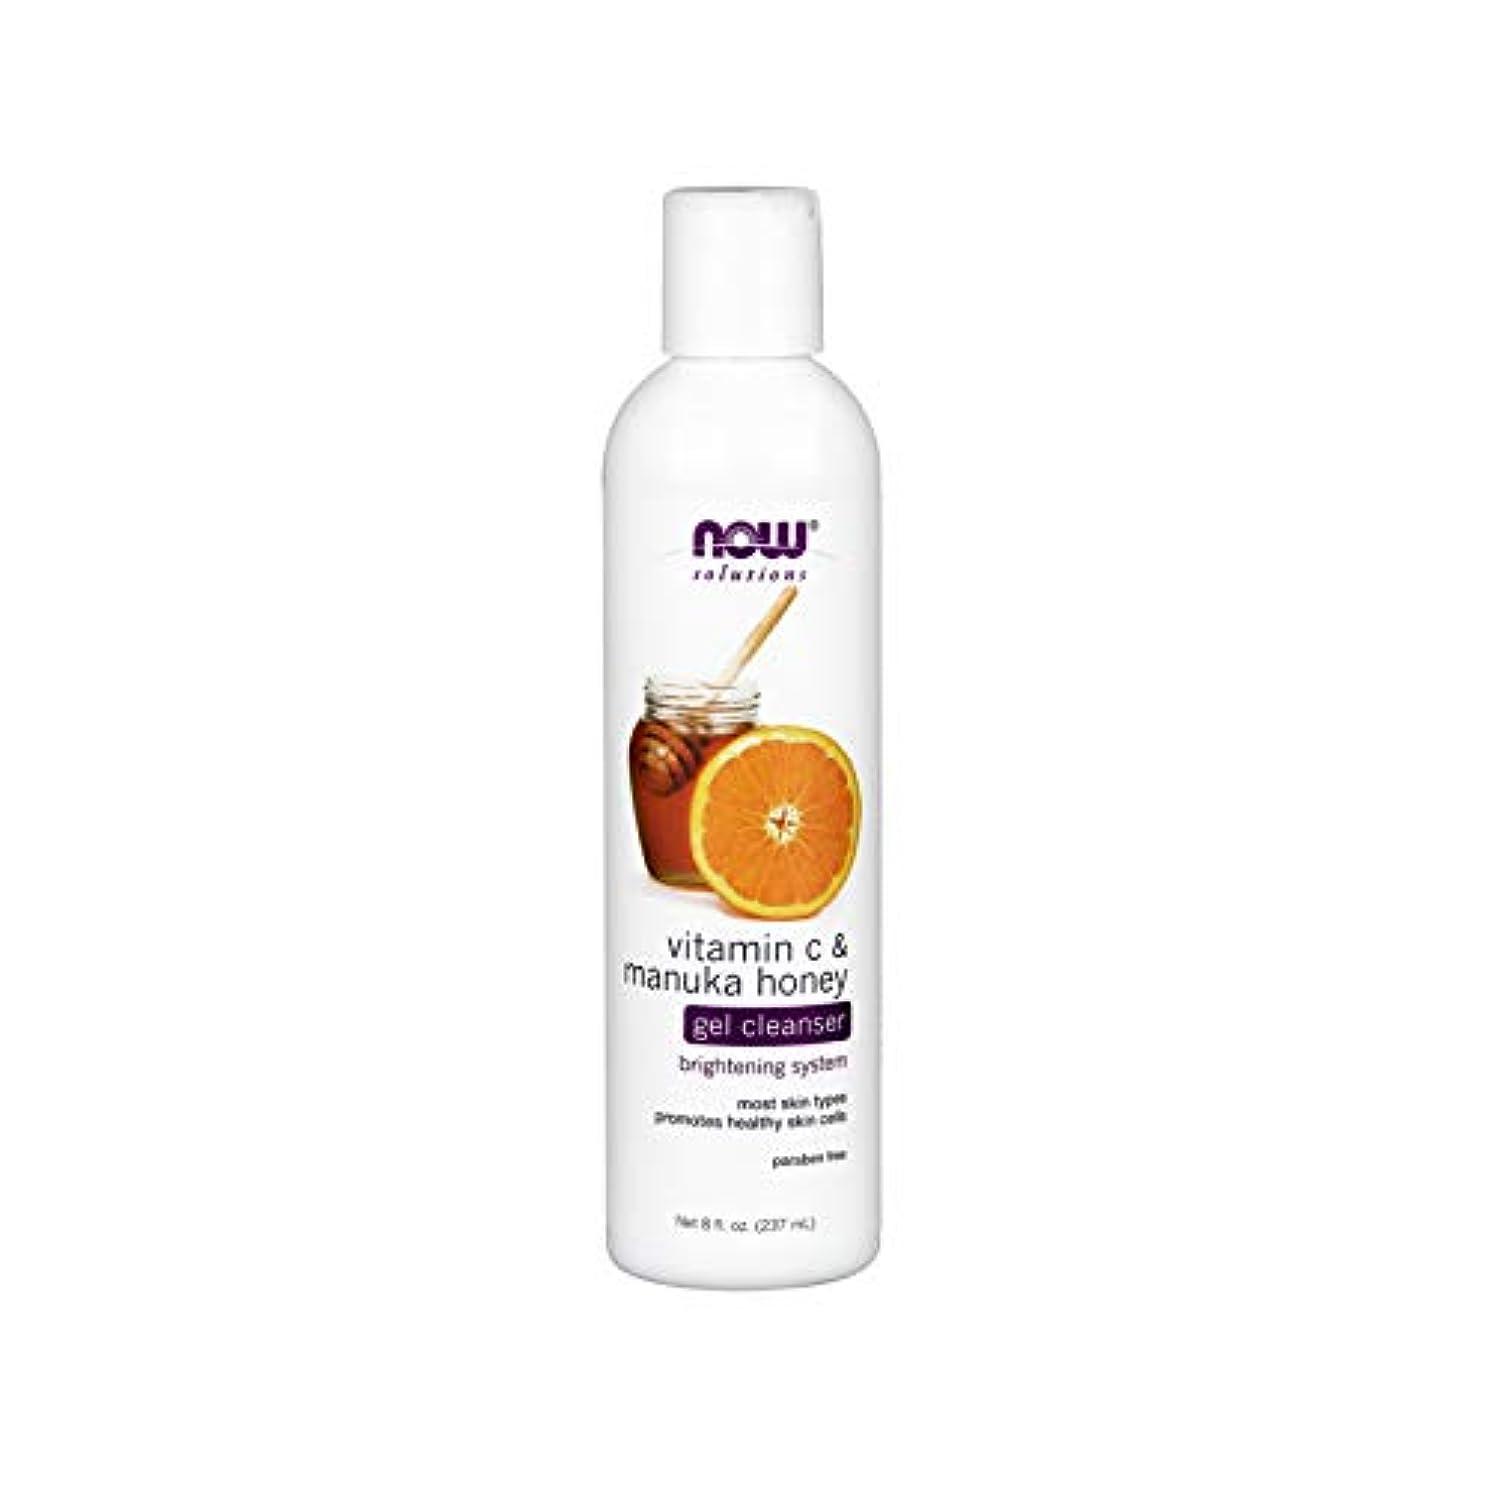 必要誰剛性NOW Vitamin C & Manuka Honey Gel Cleanser - 8 fl. oz. ビタミンC&マヌカハニー配合のジェルタイプ洗顔 ~海外直送品~